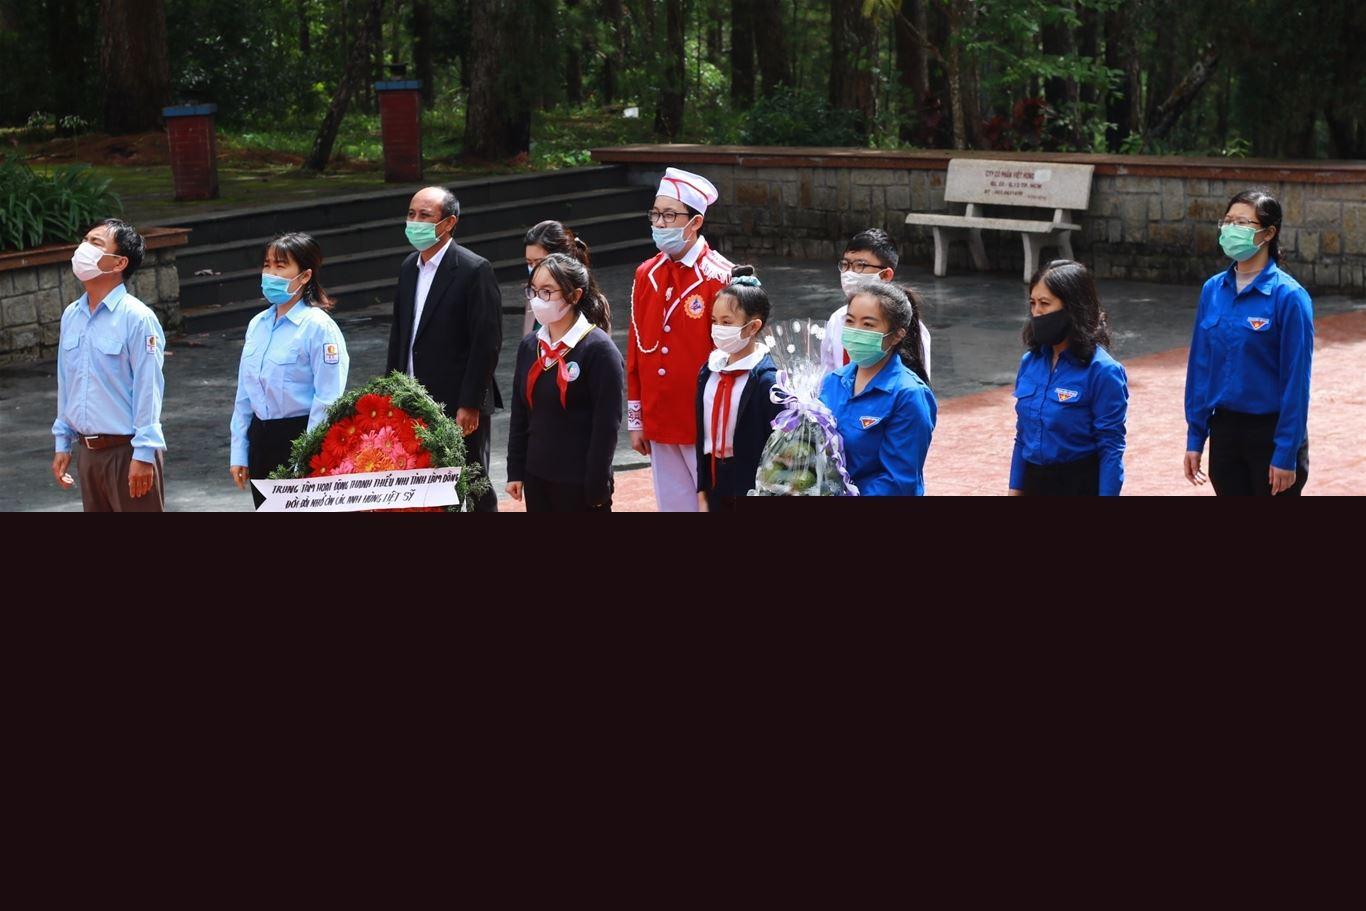 Lâm Đồng - Tổ chức các hoạt động tri ân nhân kỷ niệm kỷ niệm 74 năm ngày Thương binh liệt sỹ (27/7/1947-27/7/2021)